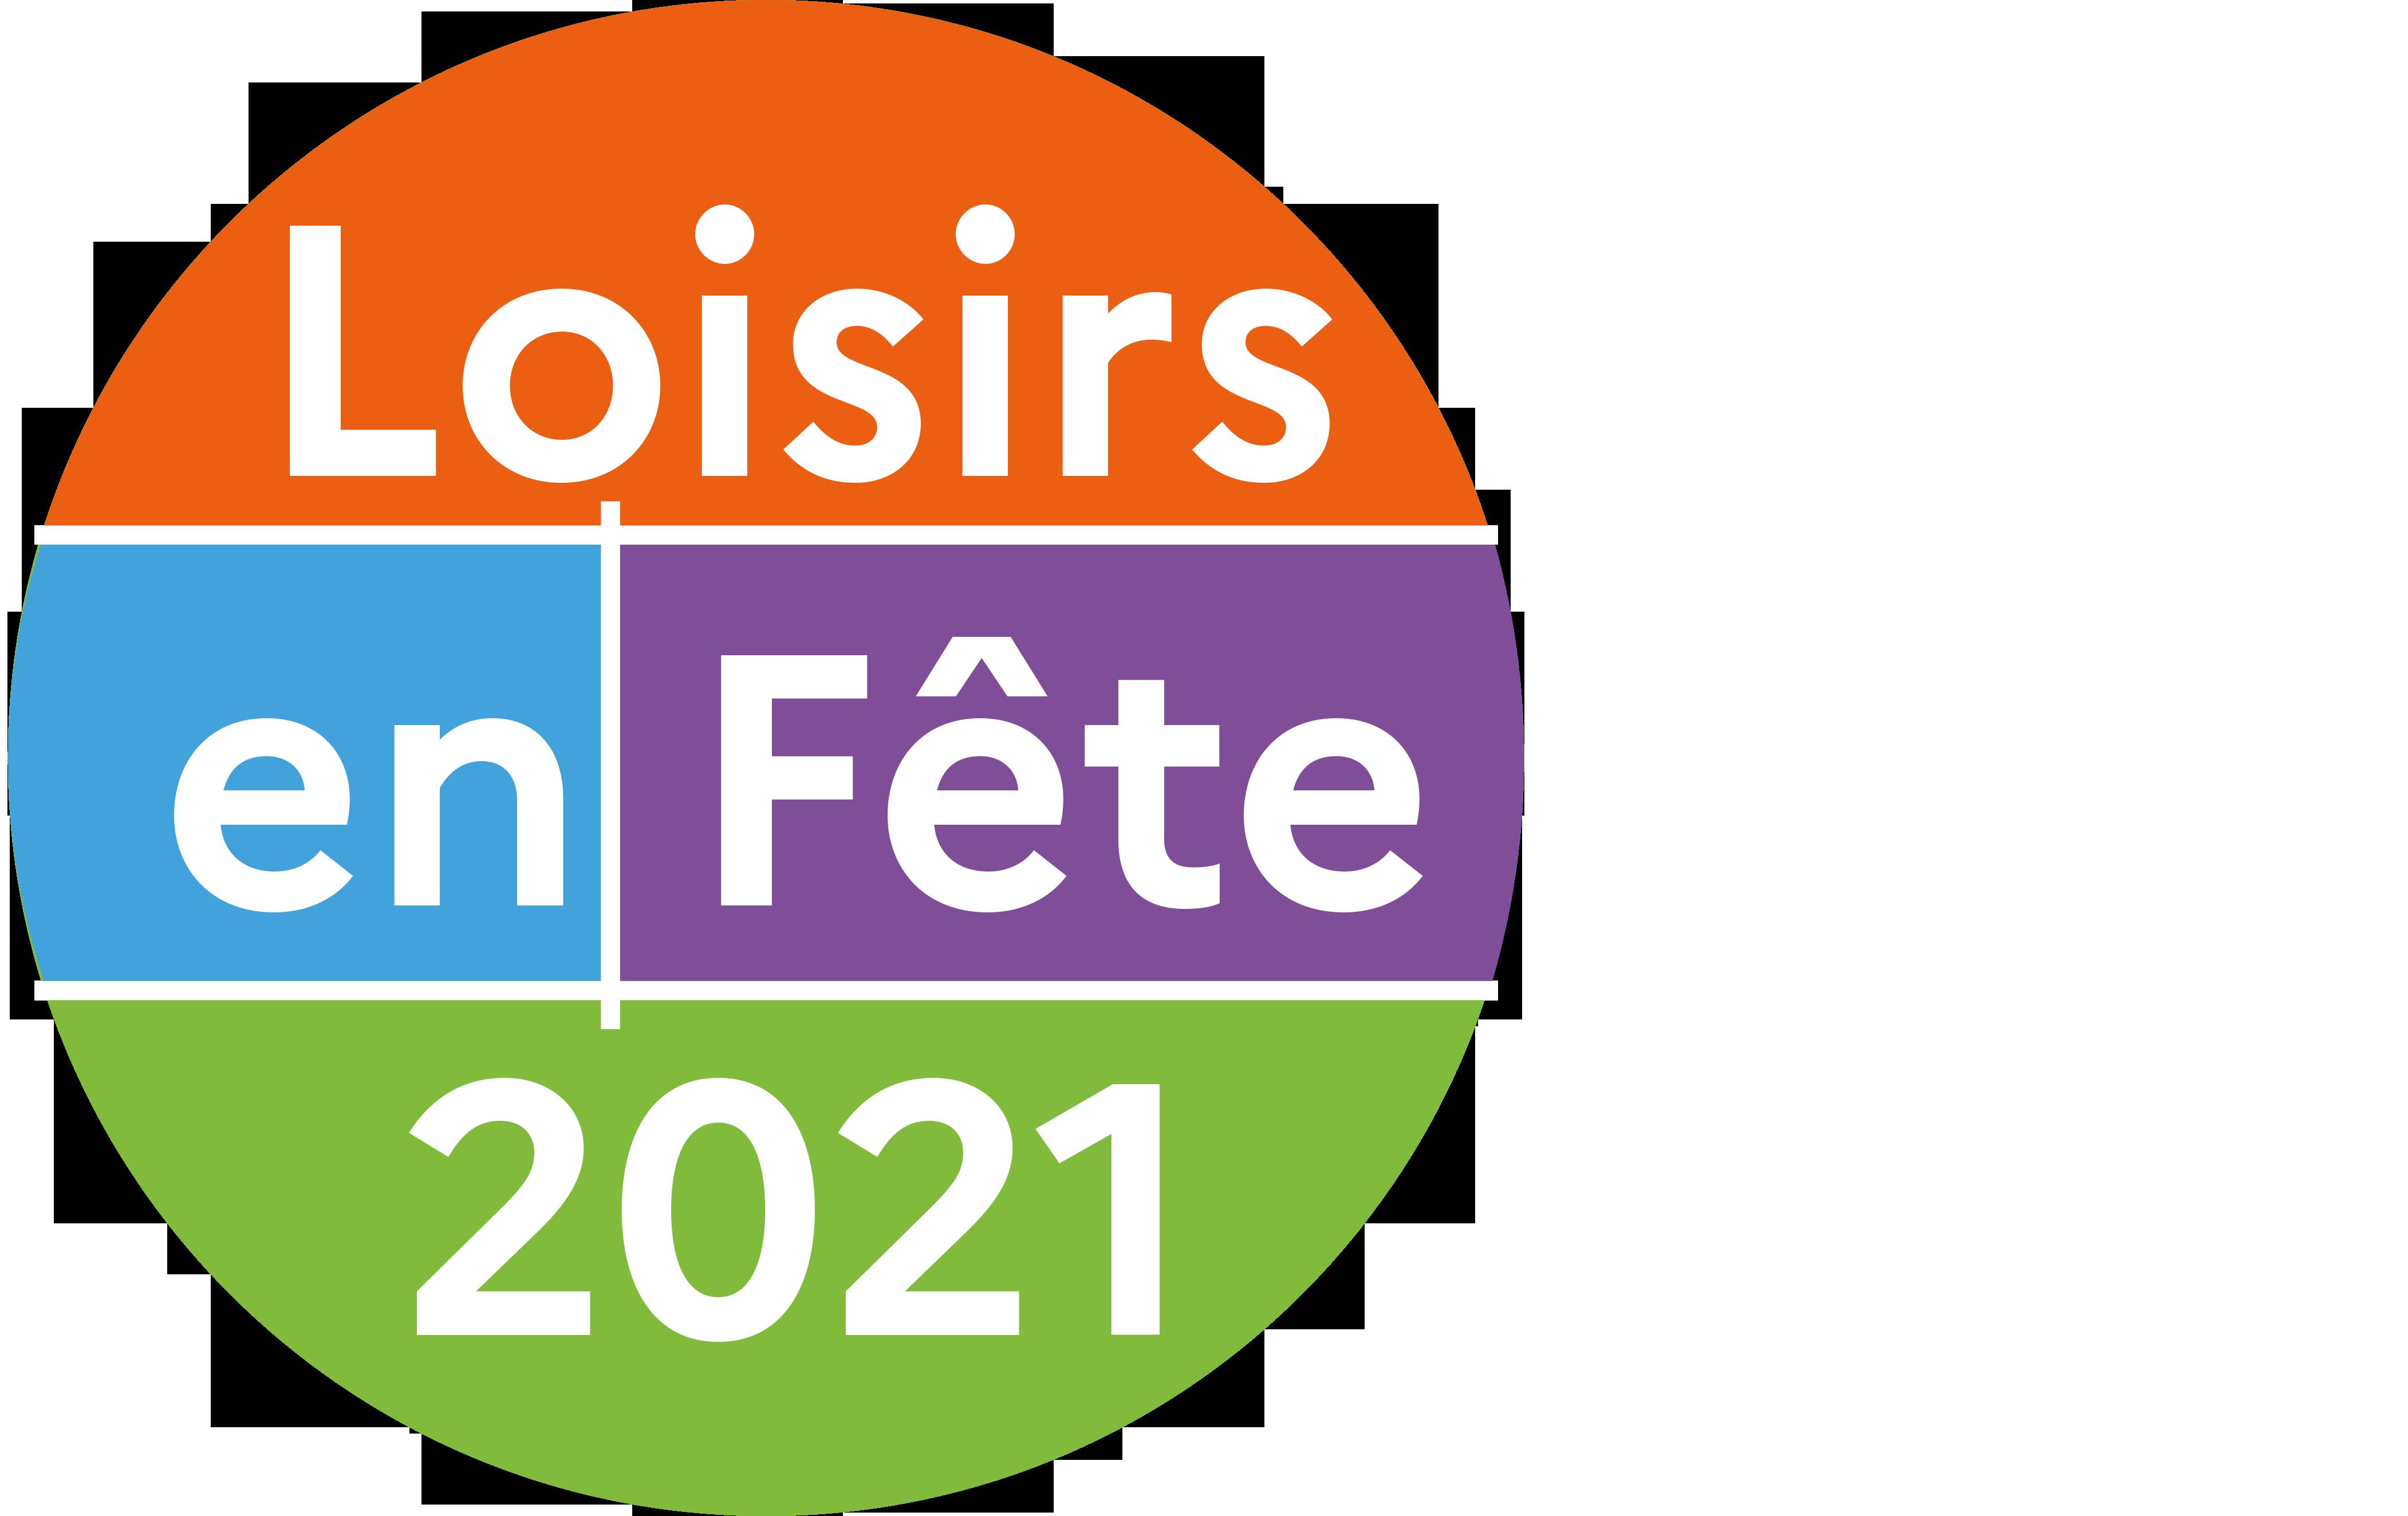 LOISIRS EN FÊTE 2021